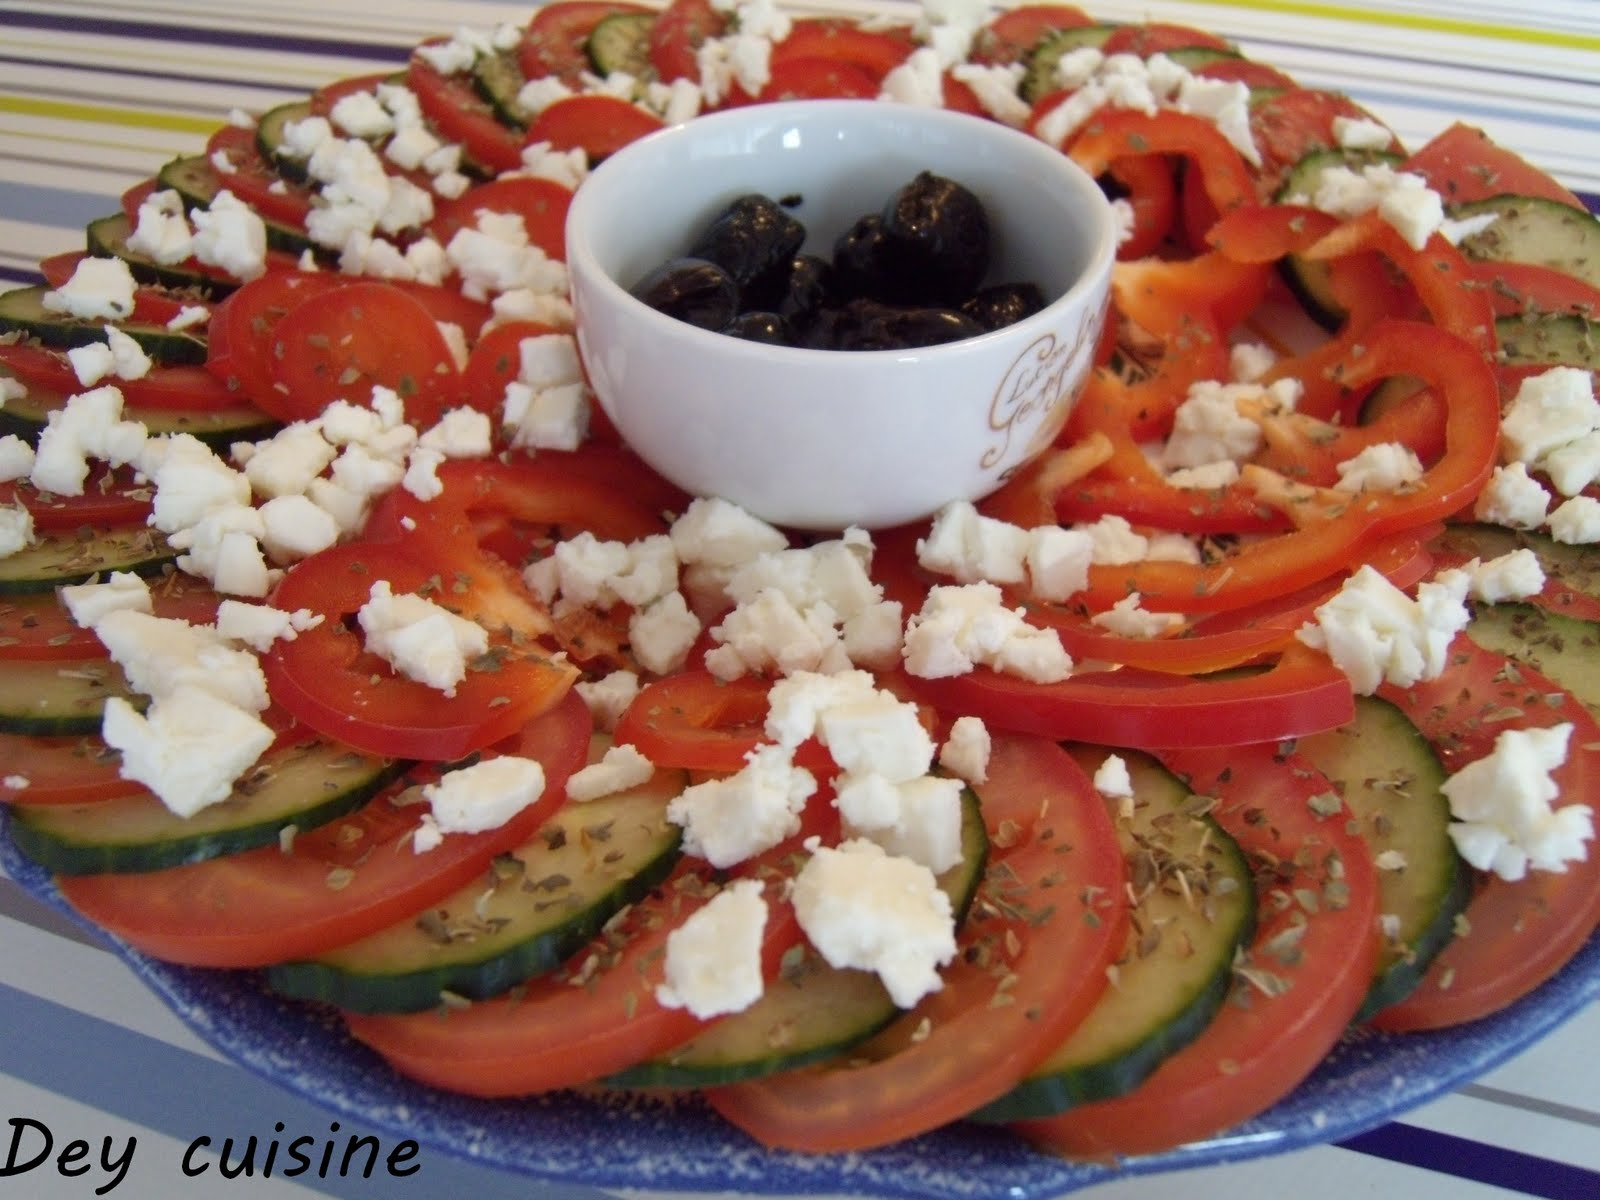 Dey cuisine repas grecque slouvaki de poulet salade for Repas de cuisine